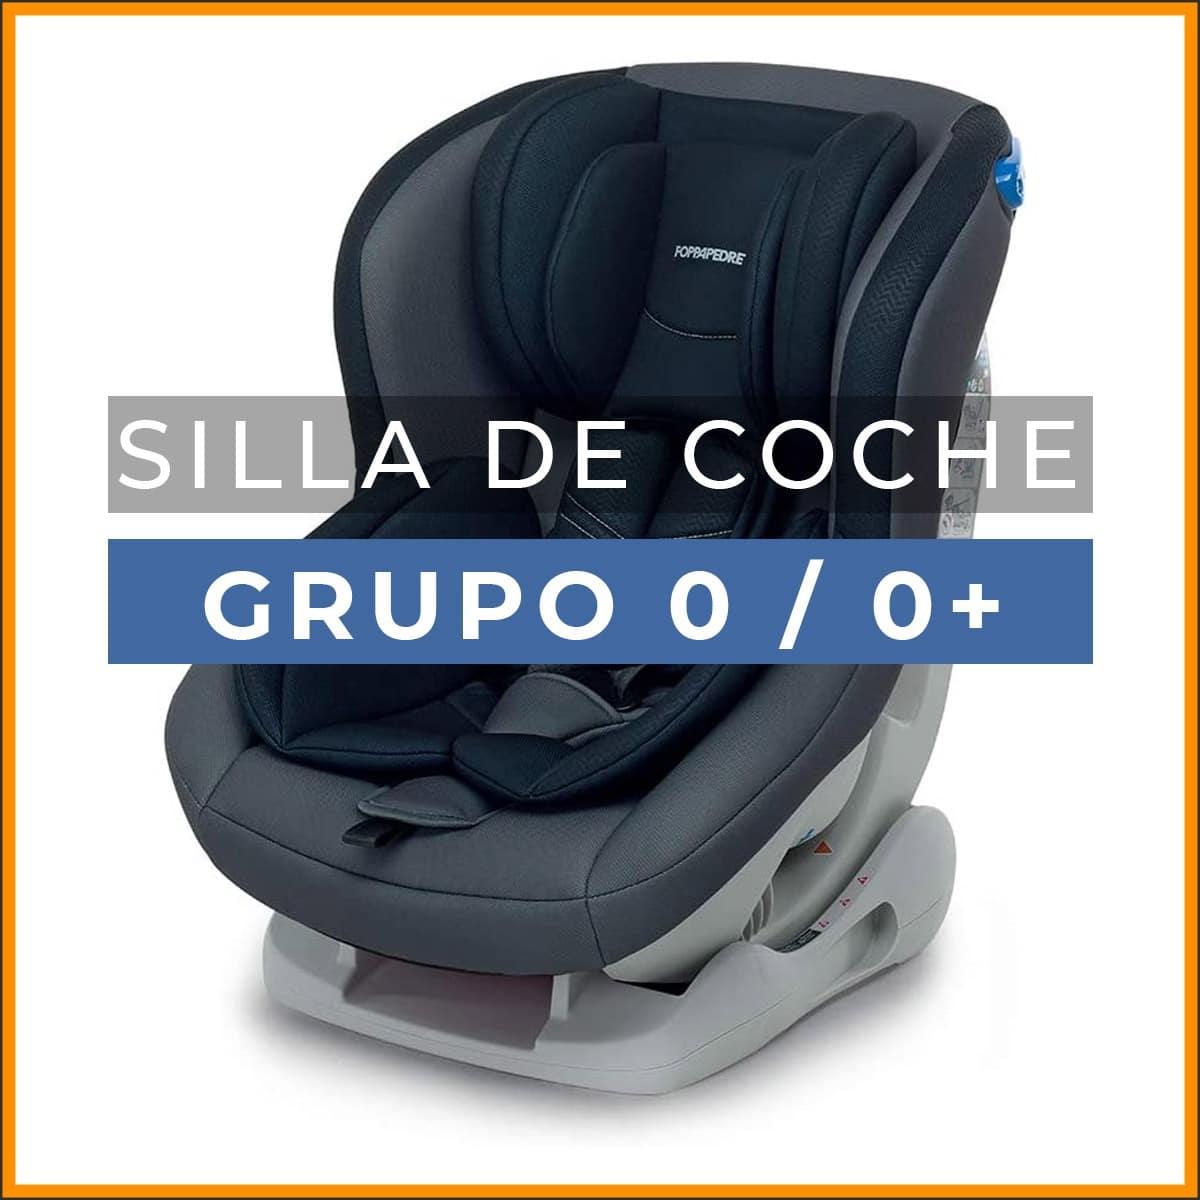 silla de coche grupo 0